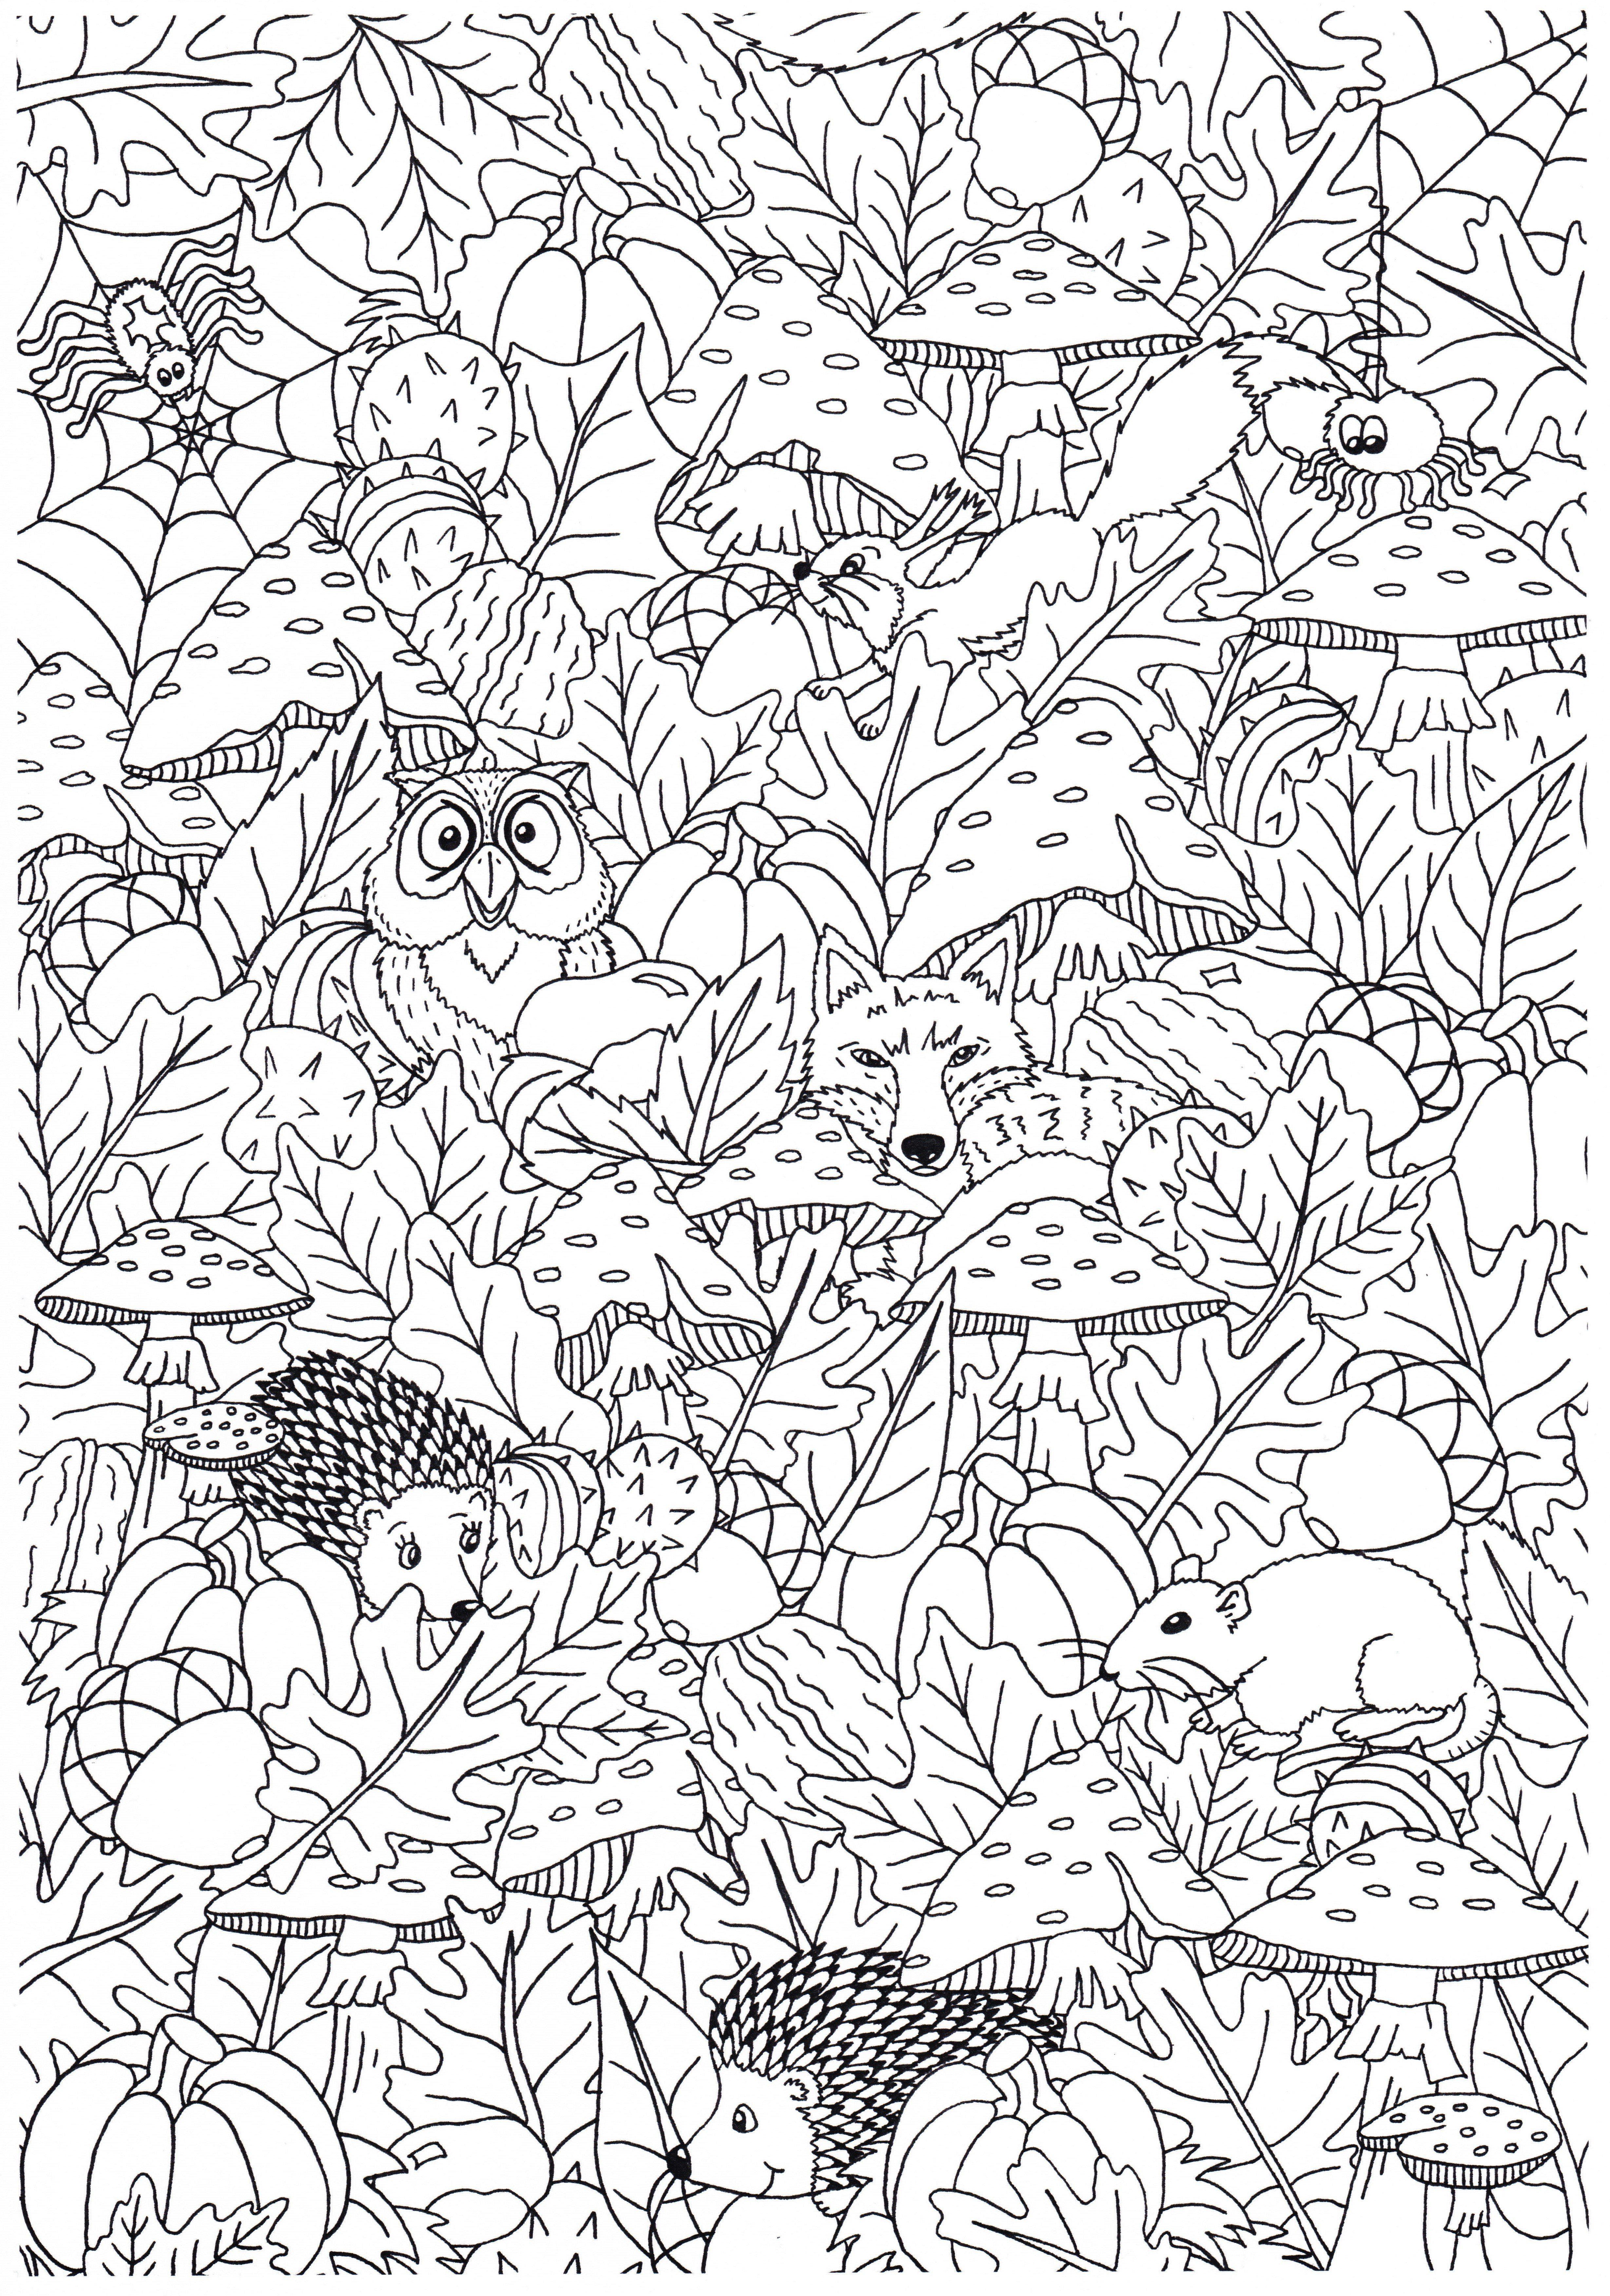 Herfst Kleurplaten Van Suzanne Kleurplatenherfst Mirelle Creametkids Boek Bladzijden Kleuren Mandala Kleurplaten Kleurplaten